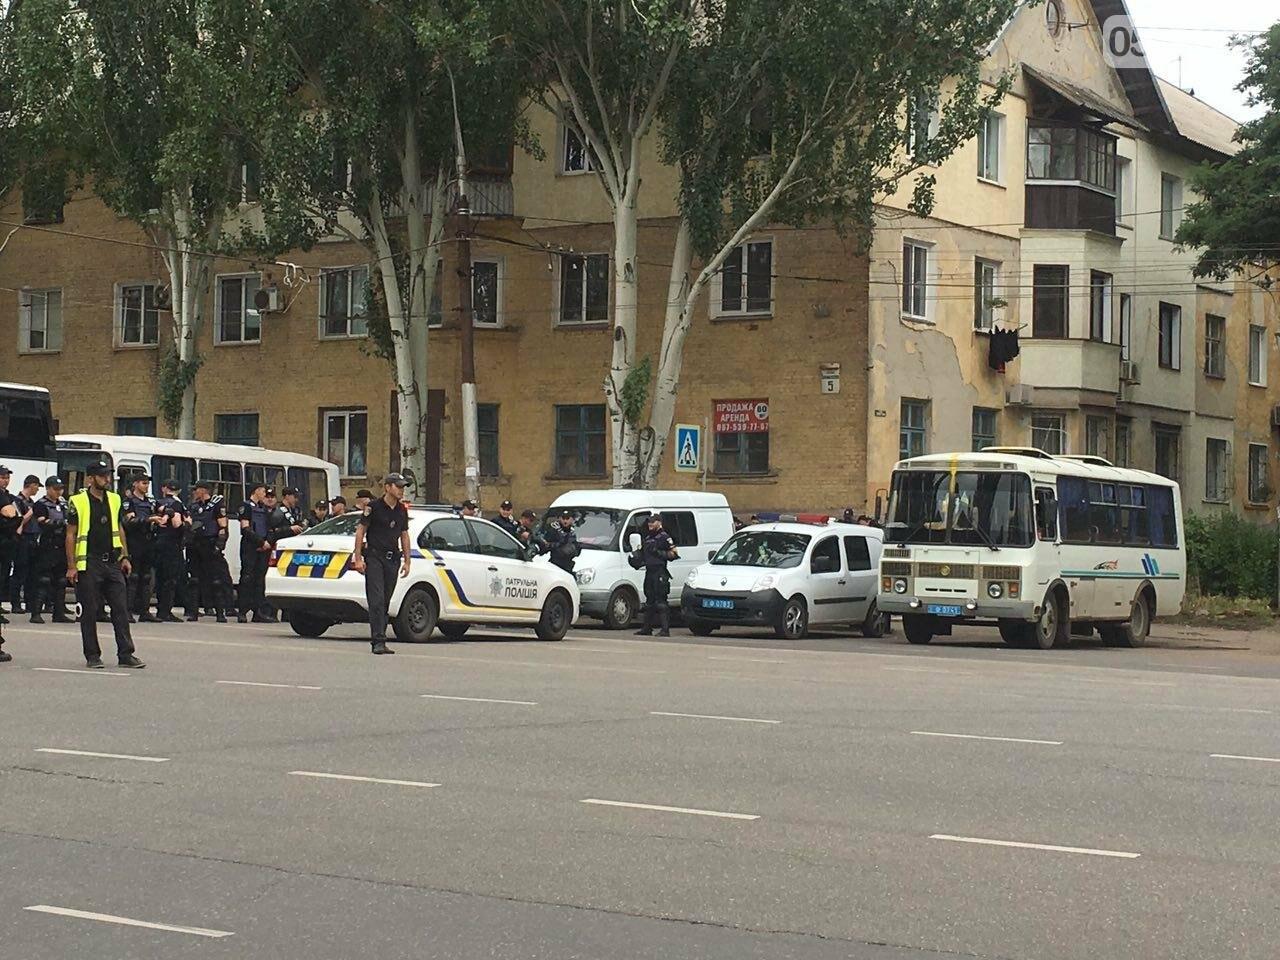 Такого Кривой Рог еще не видел: Сотни полицейских охраняли мирное шествие нескольких десятков людей, - ФОТО, фото-10